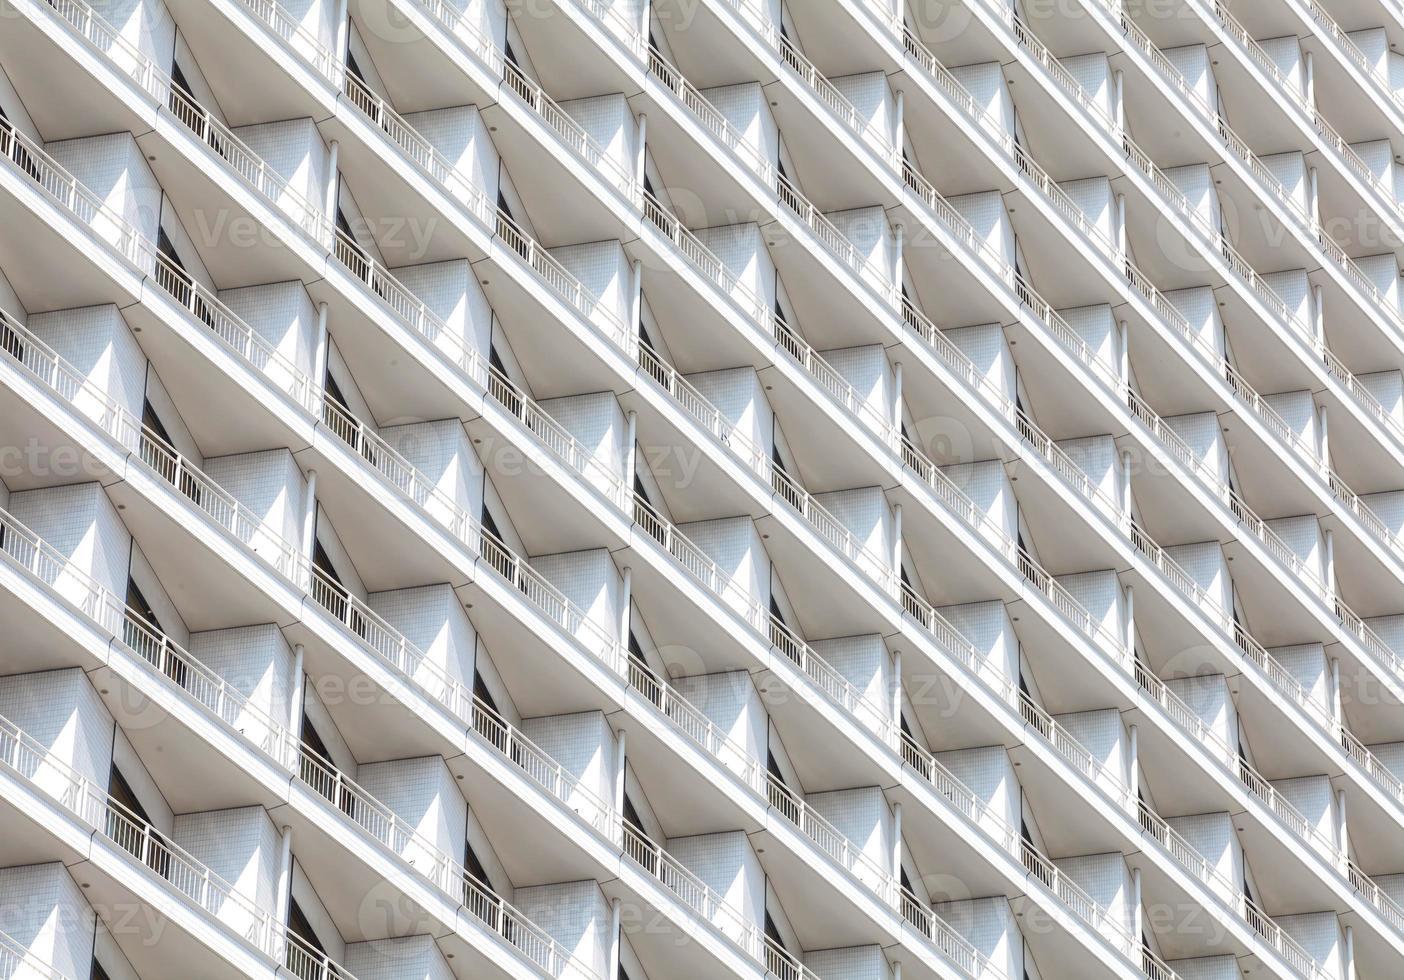 Detail der Fenster im Hochhaus foto